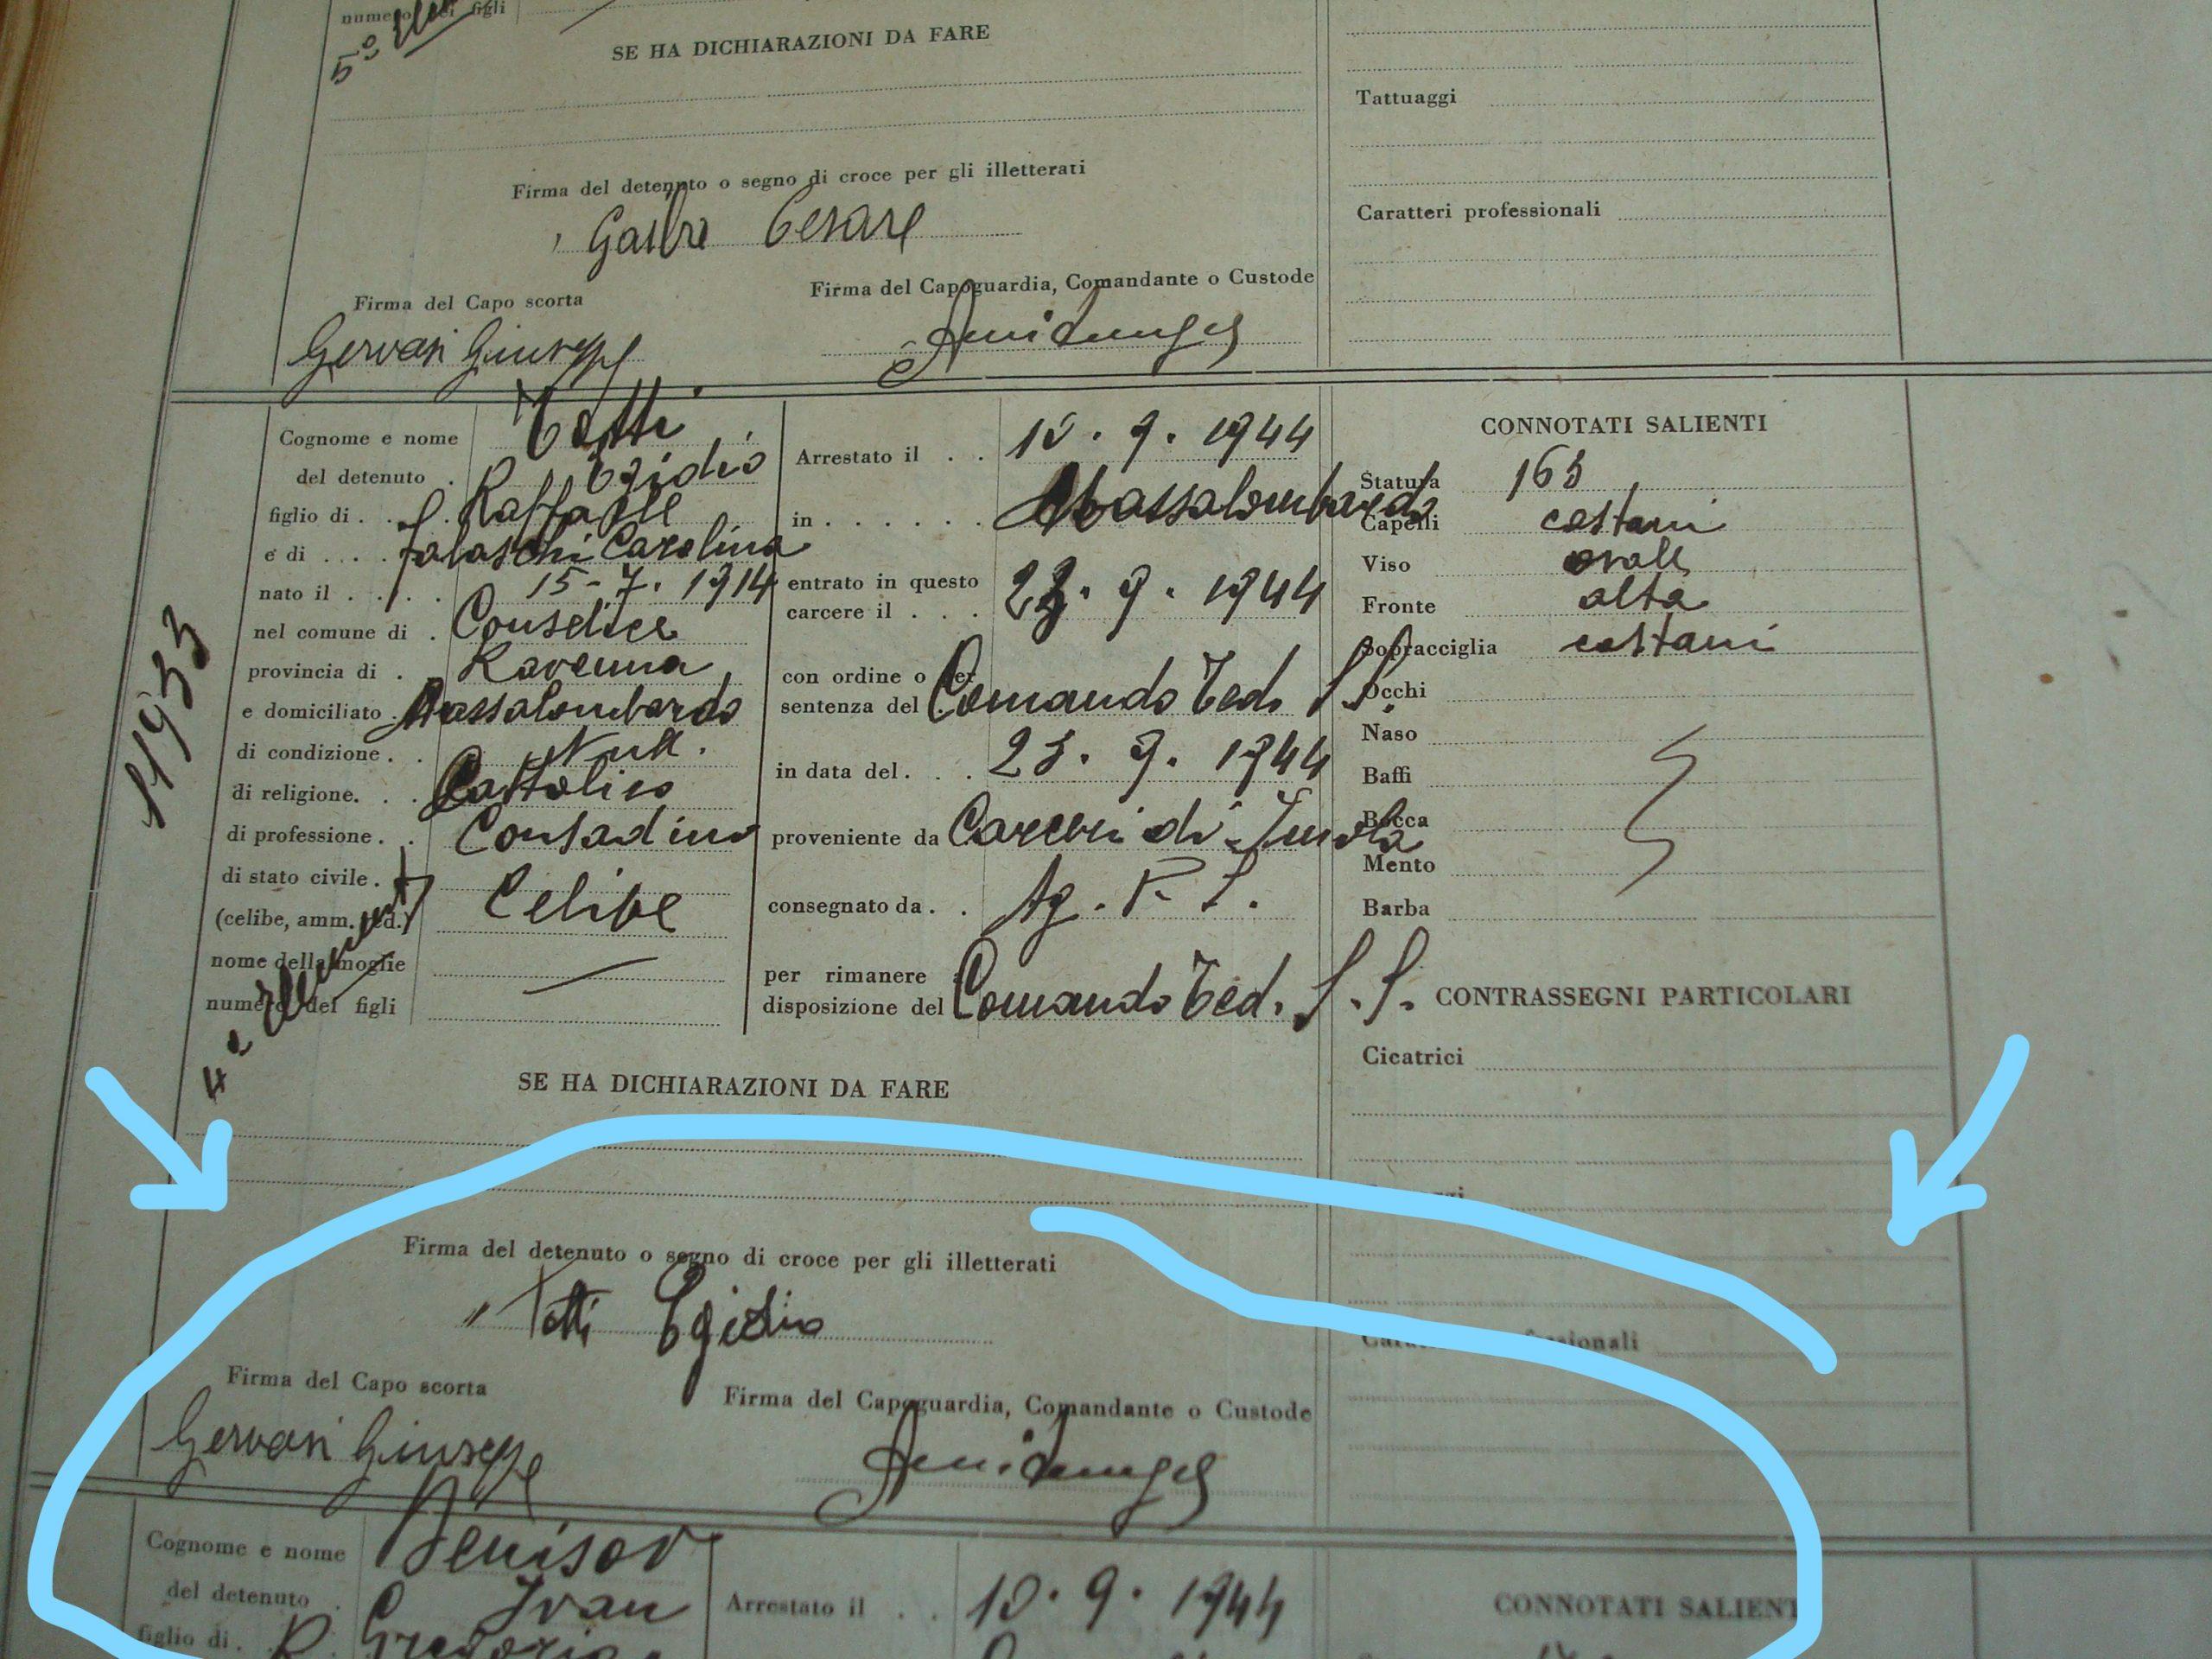 Vedi spazio inferiore indicato dalle frecce : matricola d'entrata nel carcere di Bologna di Degnisov, sotto quella di Totti, uno dei quattro tipografi diConselice.